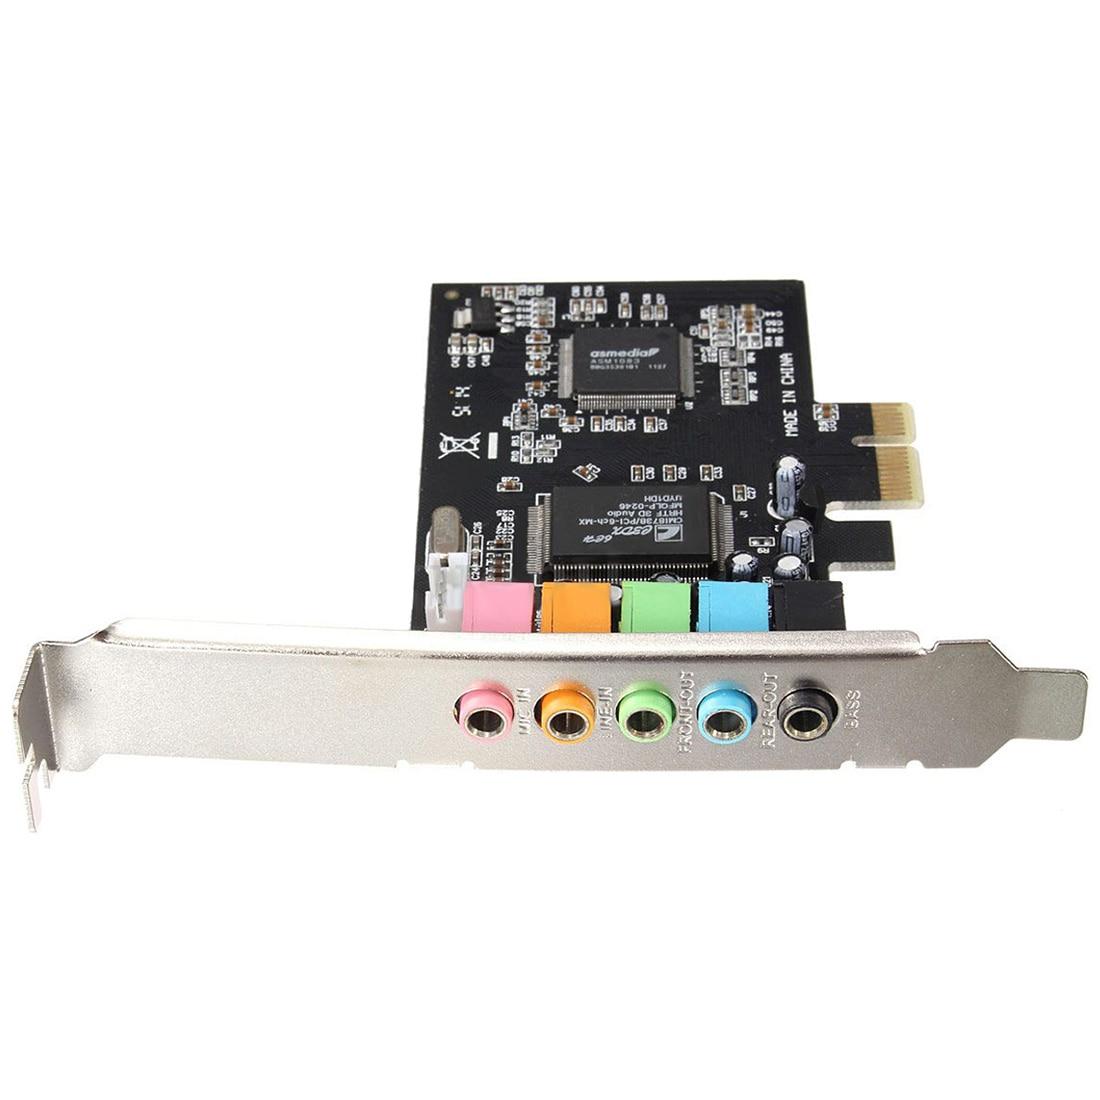 PCI e 5.1 sonido 6 tarjeta de sonido Puerto CMI8738 cine estéreo tarjeta de sonido envolvente